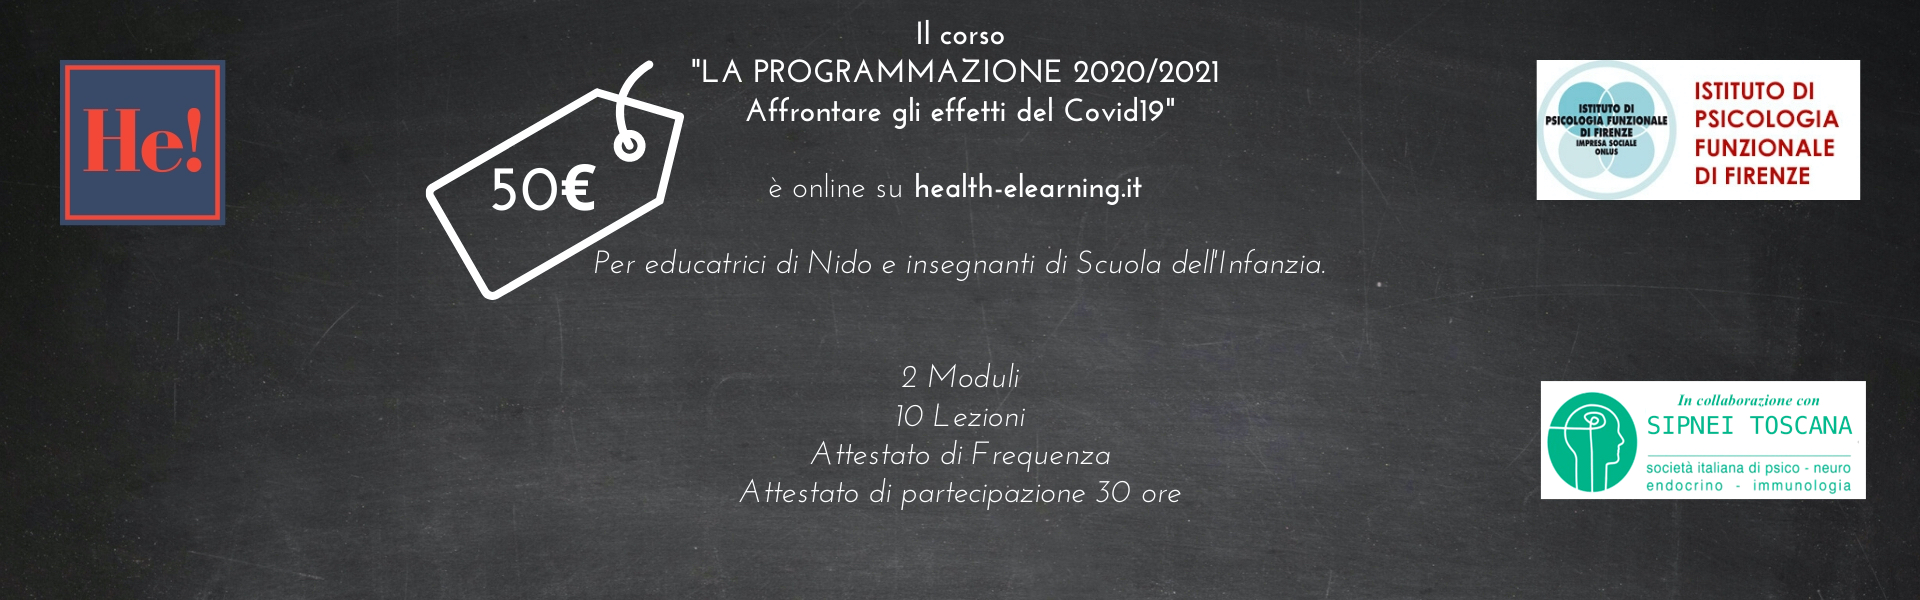 la programmazione 2020/2021 nei servizi 0/6